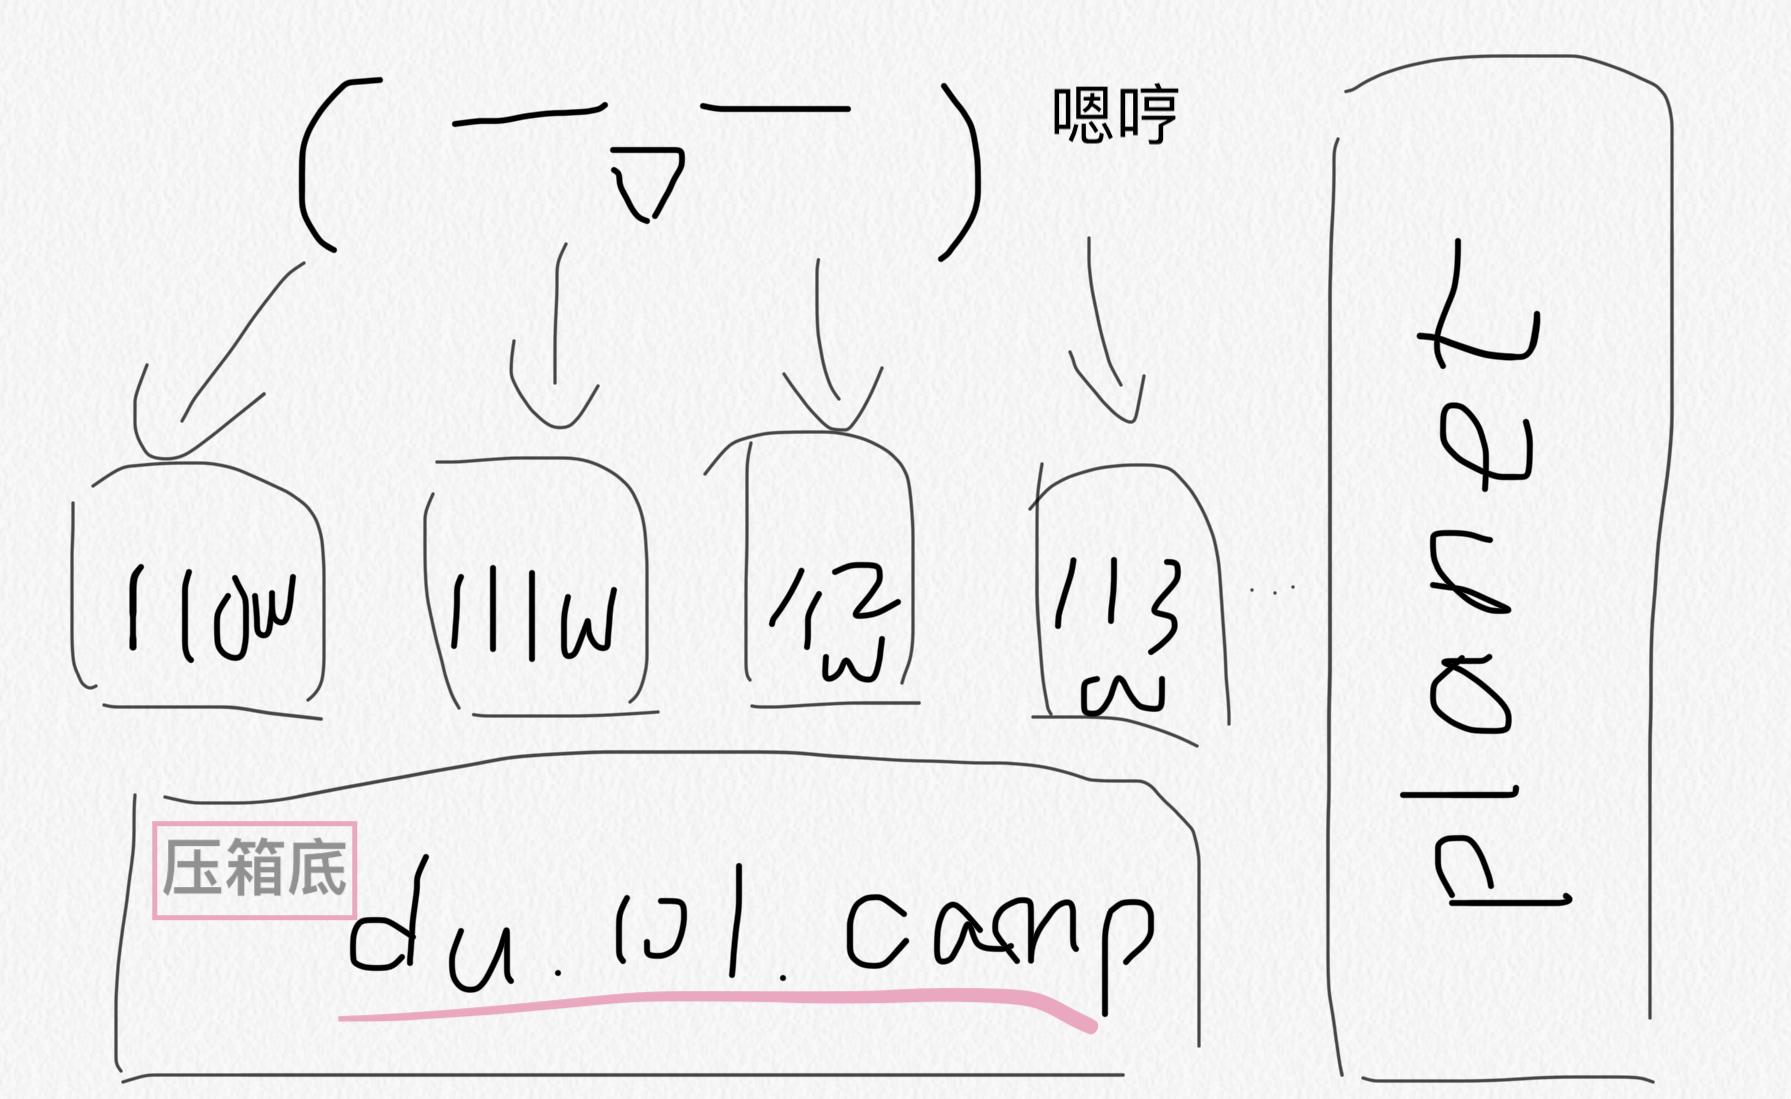 du 101 camp